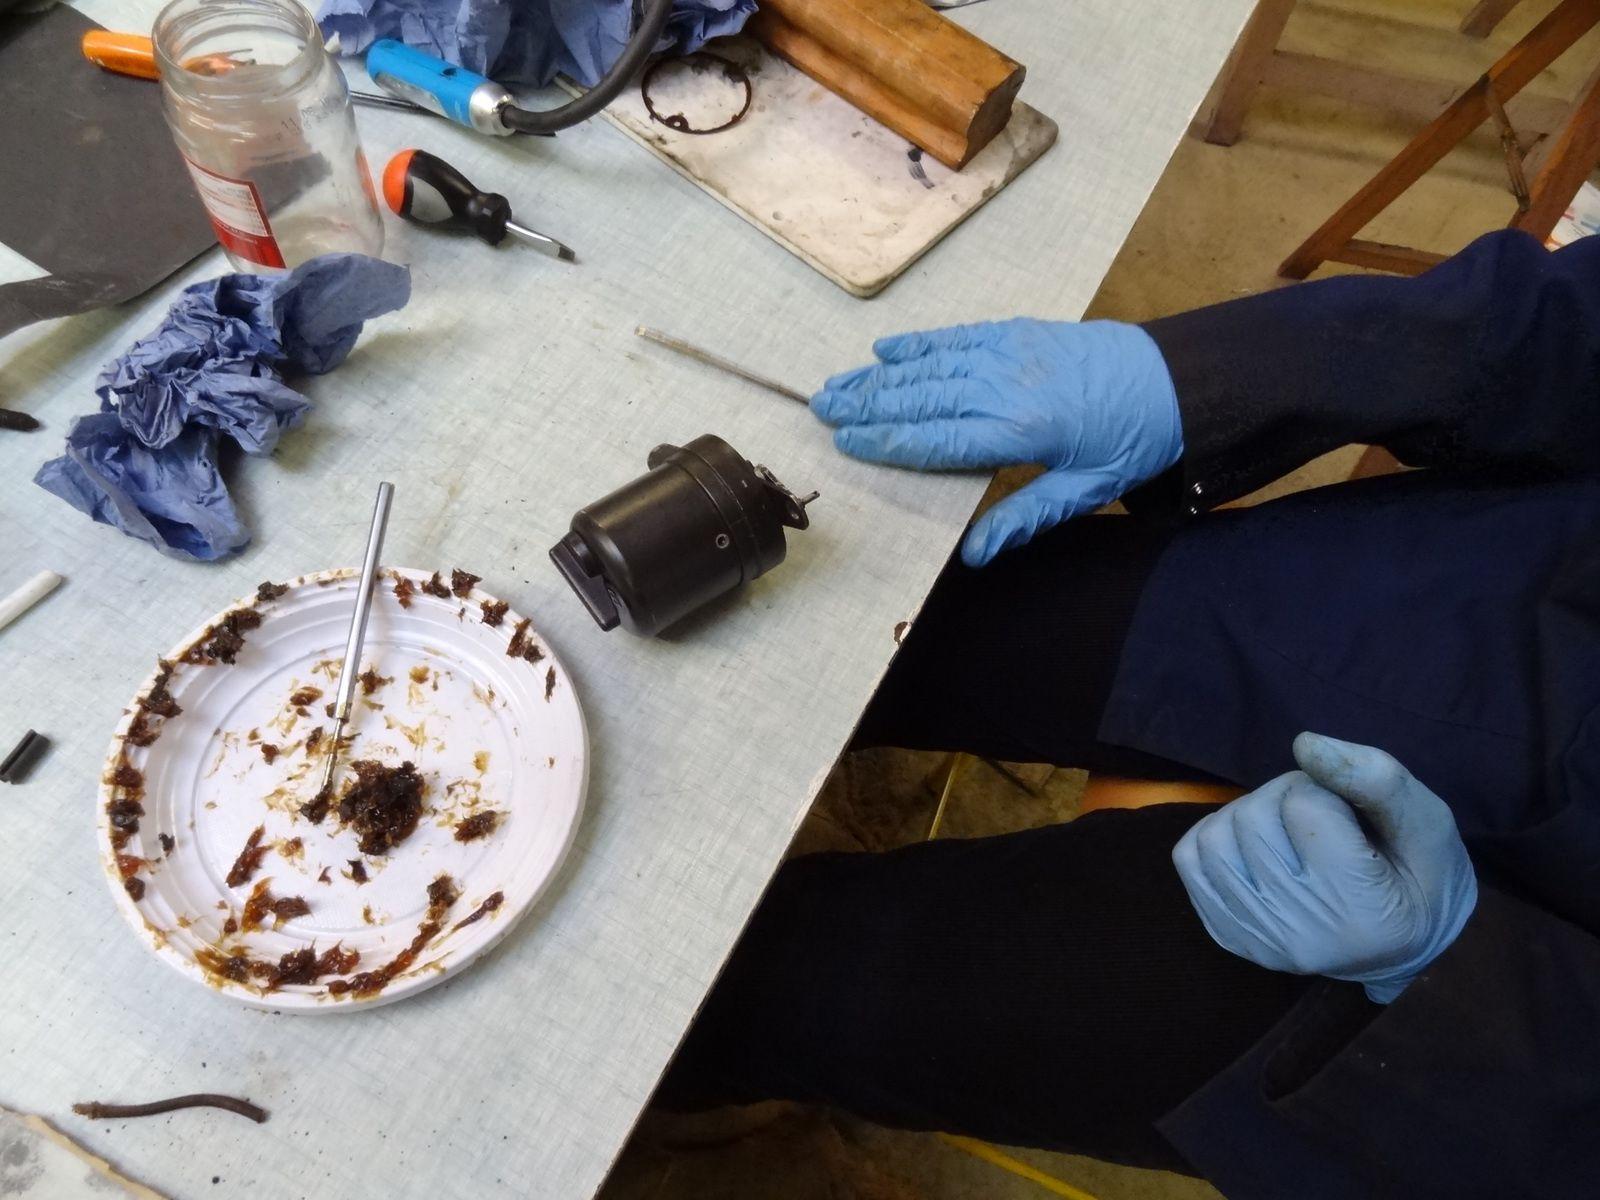 Justin enlève l'ancienne graisse du moteur d'essuie glace avant d'essayer à nouveau de le faire fonctionner.